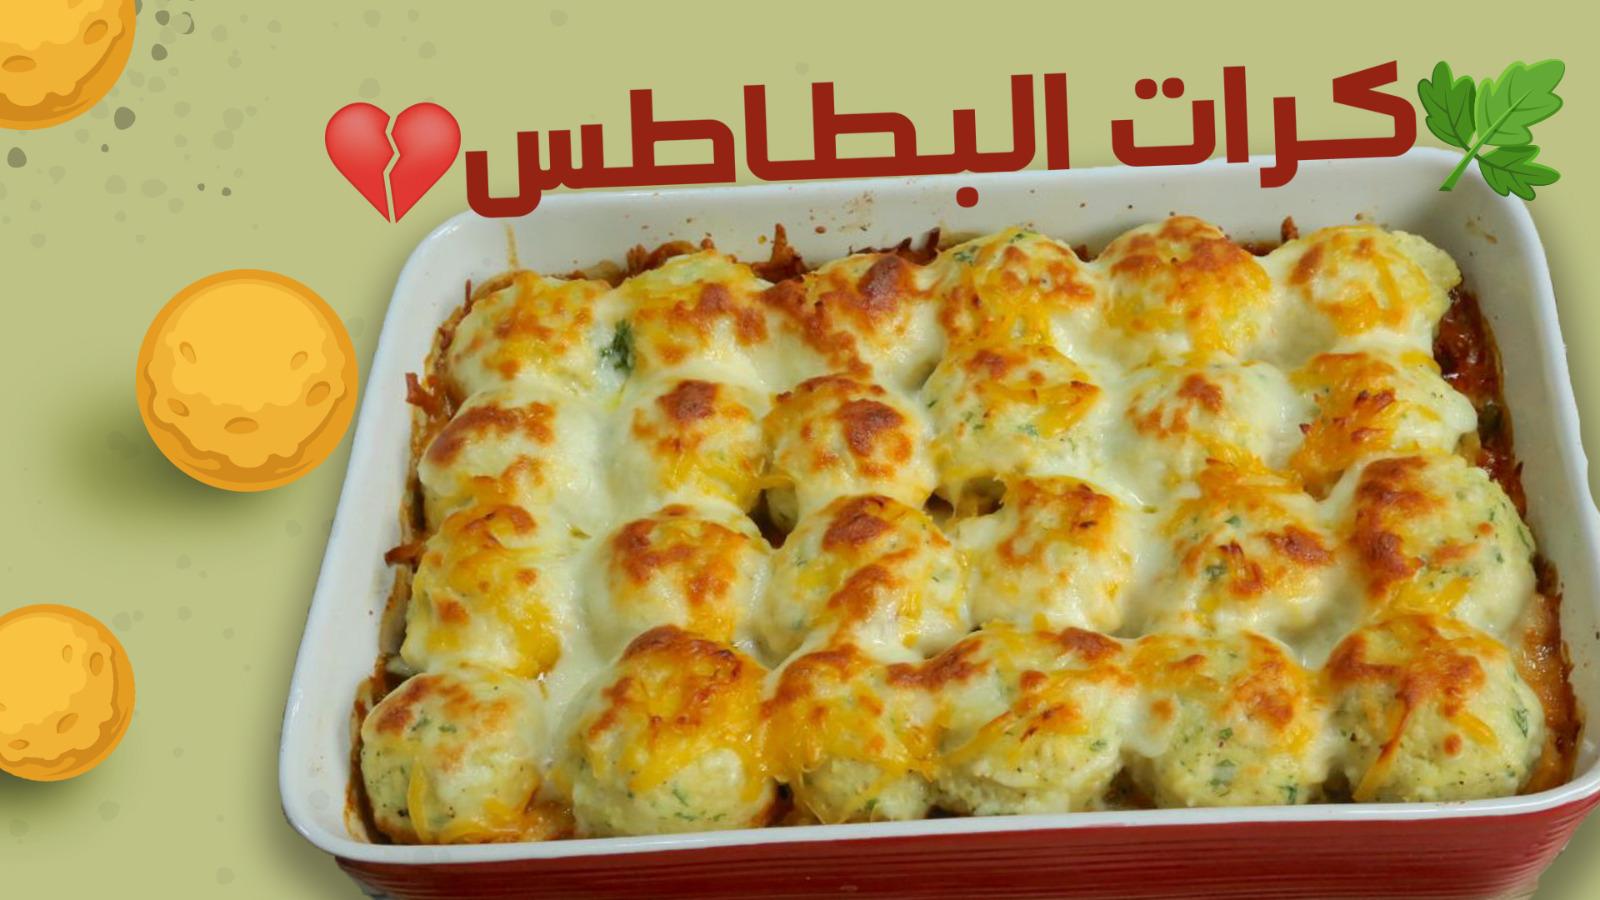 صورة طريقة عمل كرات البطاطس , احلي طعم لذيذ للبطاطس